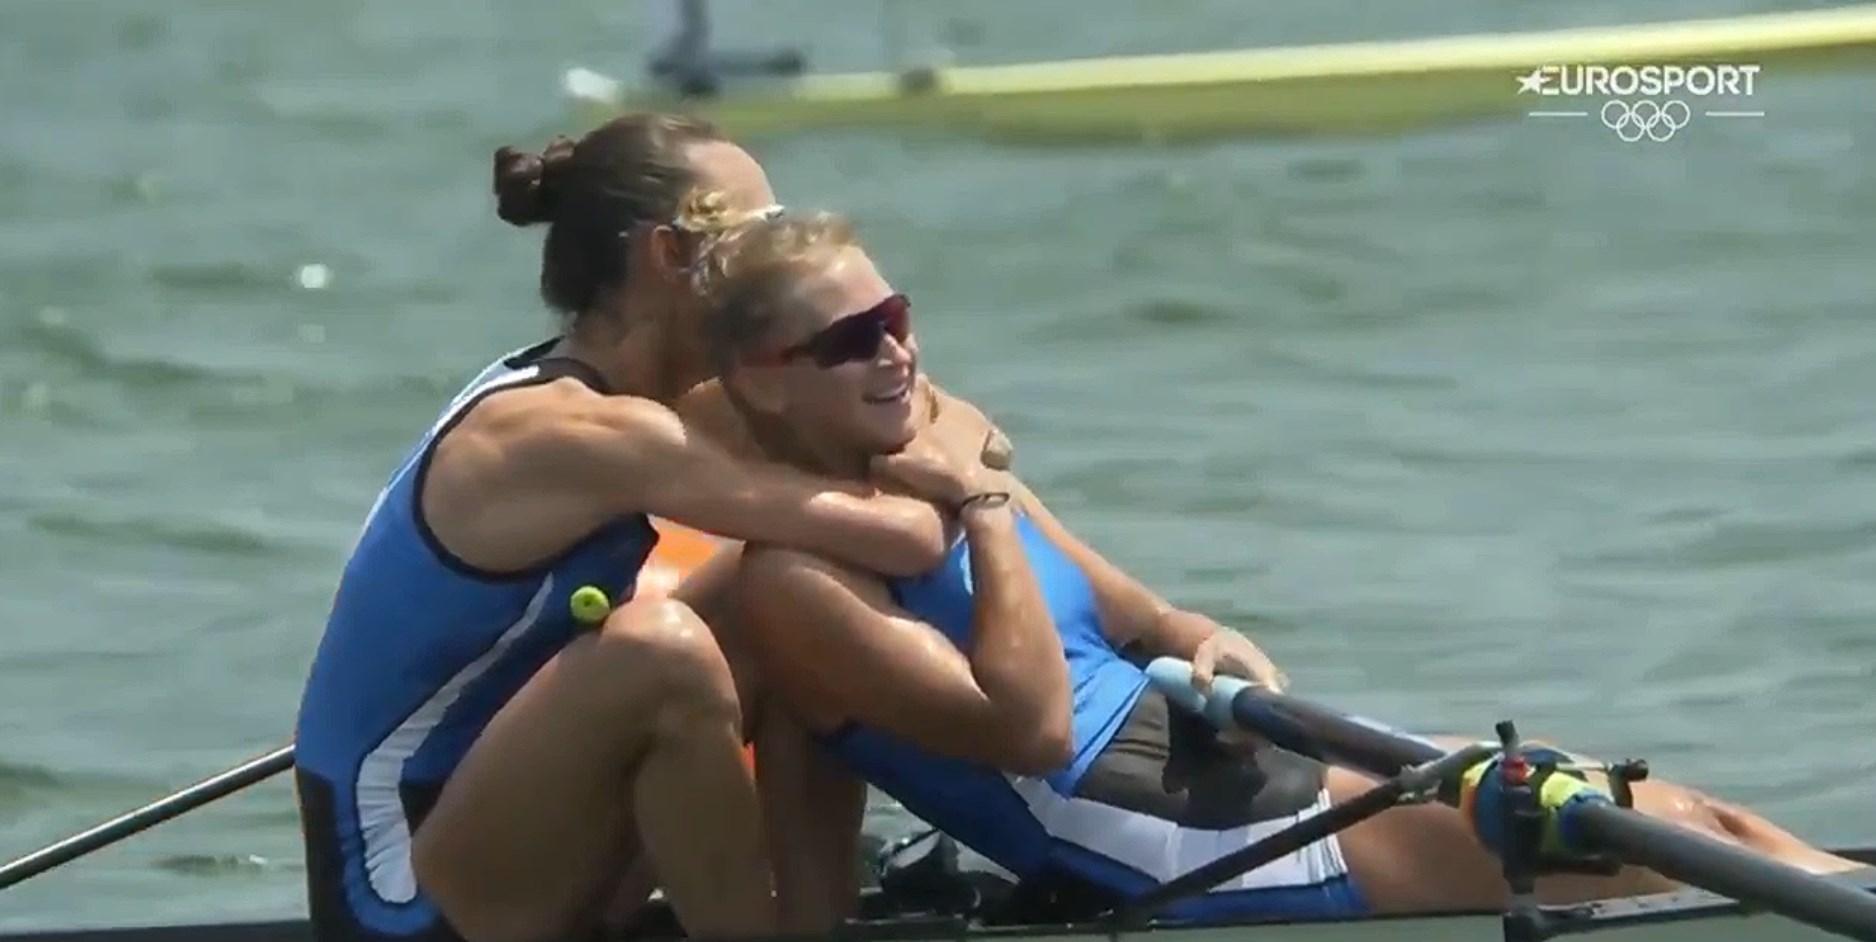 Παγκόσμιο ρεκόρ από τις Ελληνίδες της Κωπηλασίας Μαρία Κυρίδου – Χριστίνα Μπούρμπου στην δίκωπο (Βίντεο) #Rowing #Tokyo2020 #Olympics